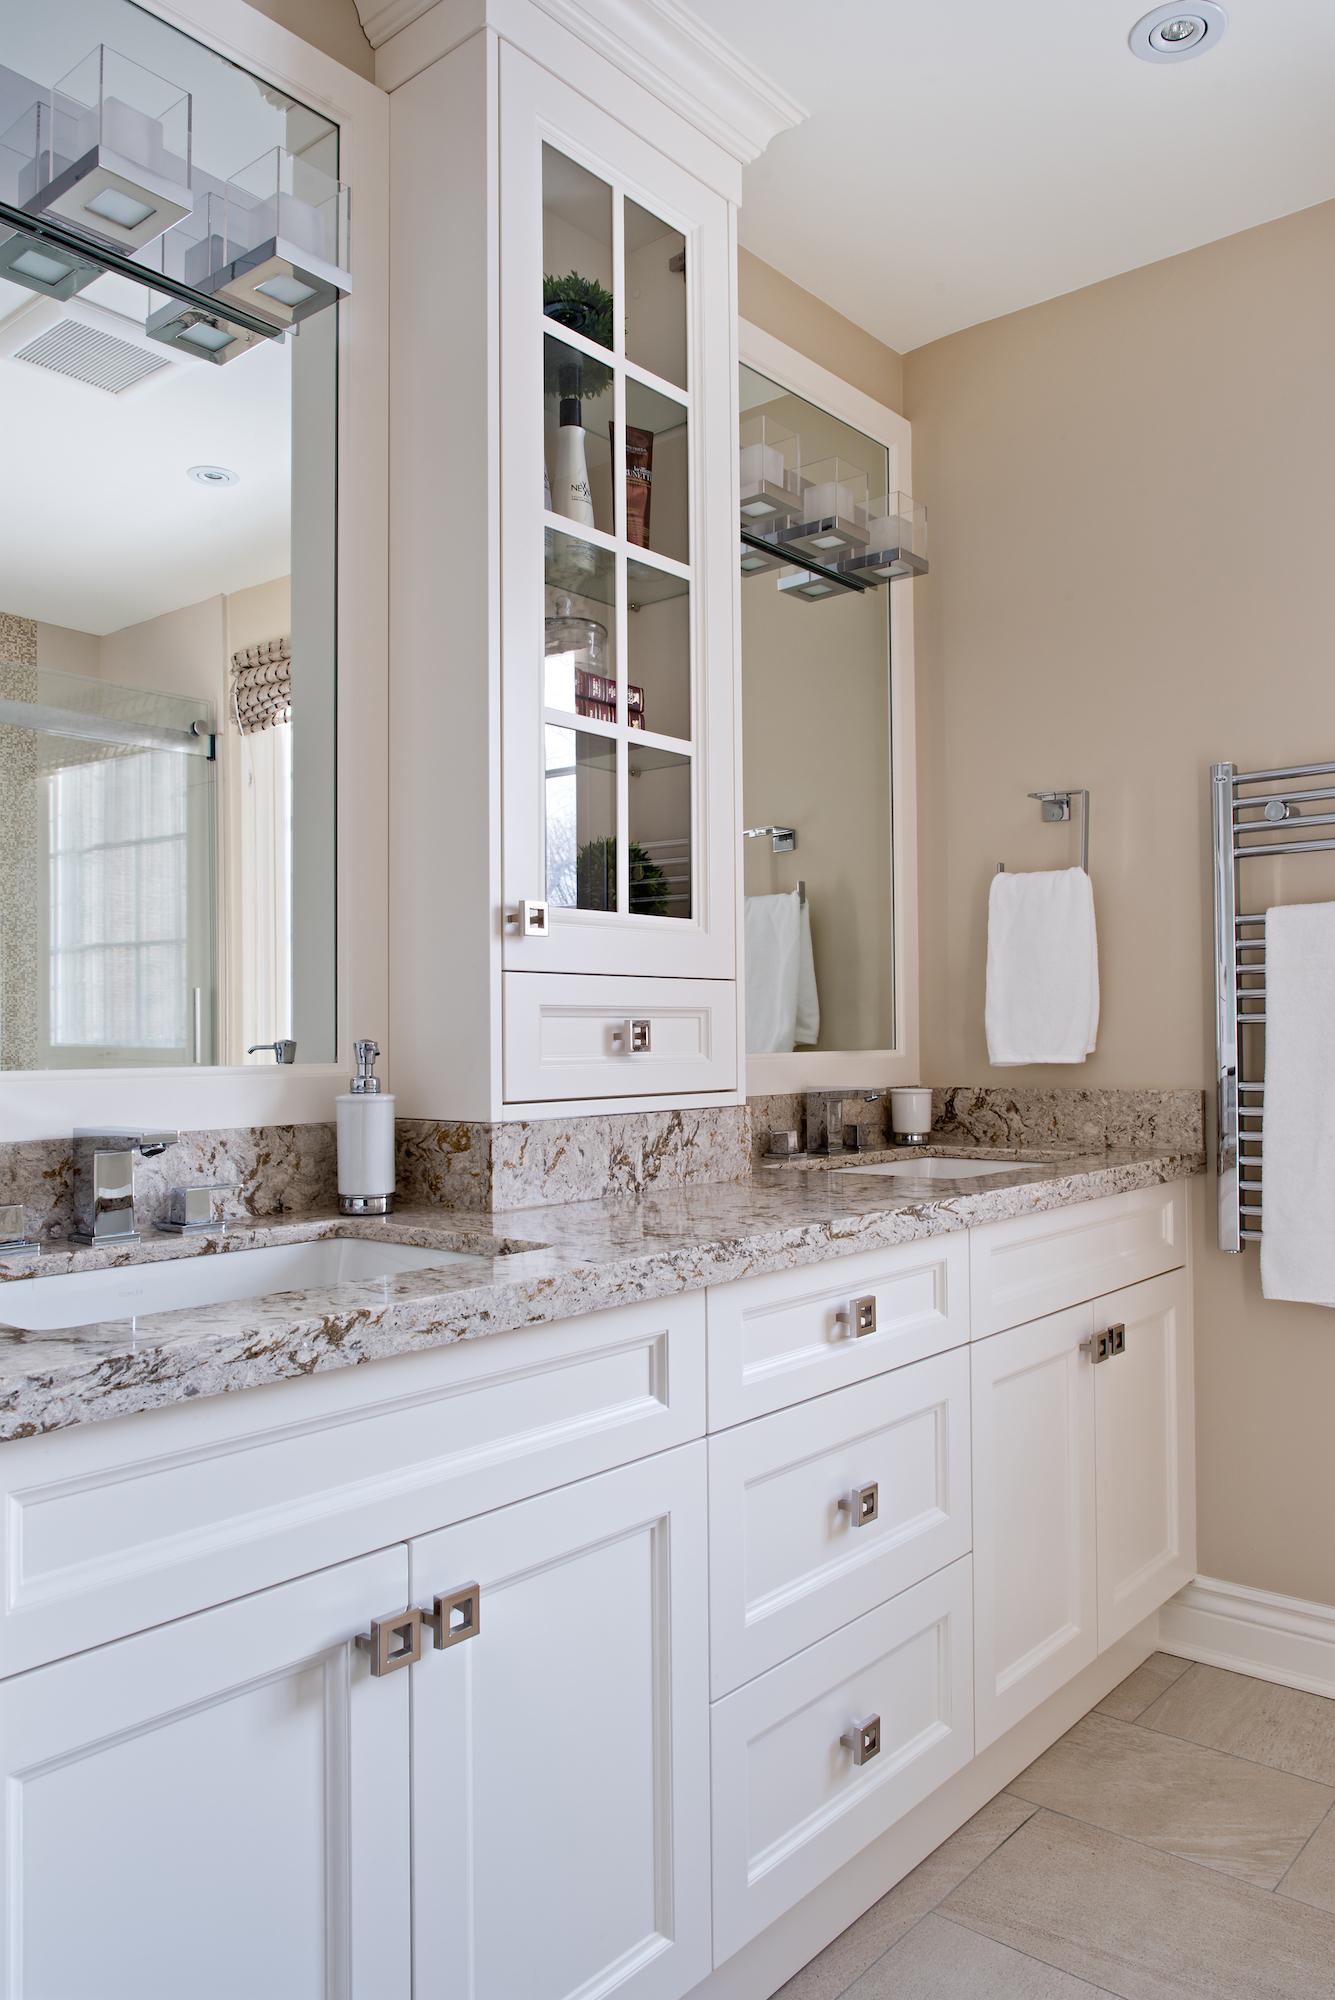 17 Pizzale Design Interior Decorating  bathroom elegant clean simple beige white.jpg